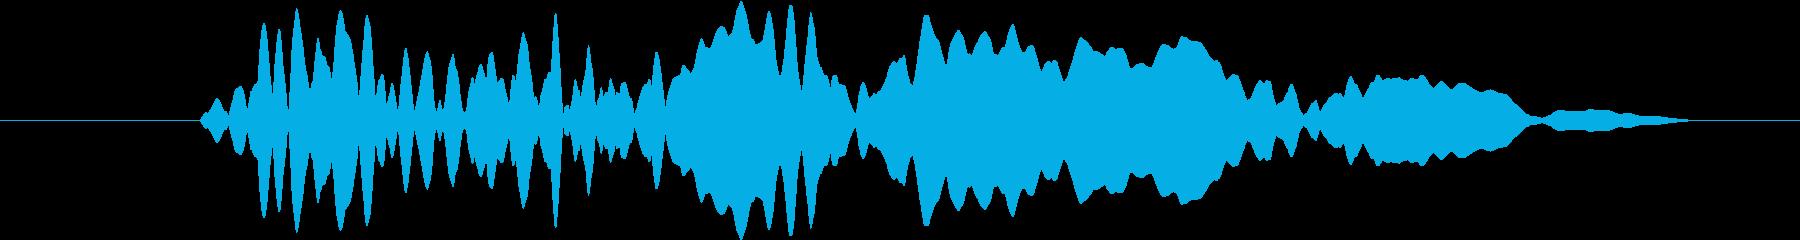 ショッキングなシーンにマッチする効果音…の再生済みの波形